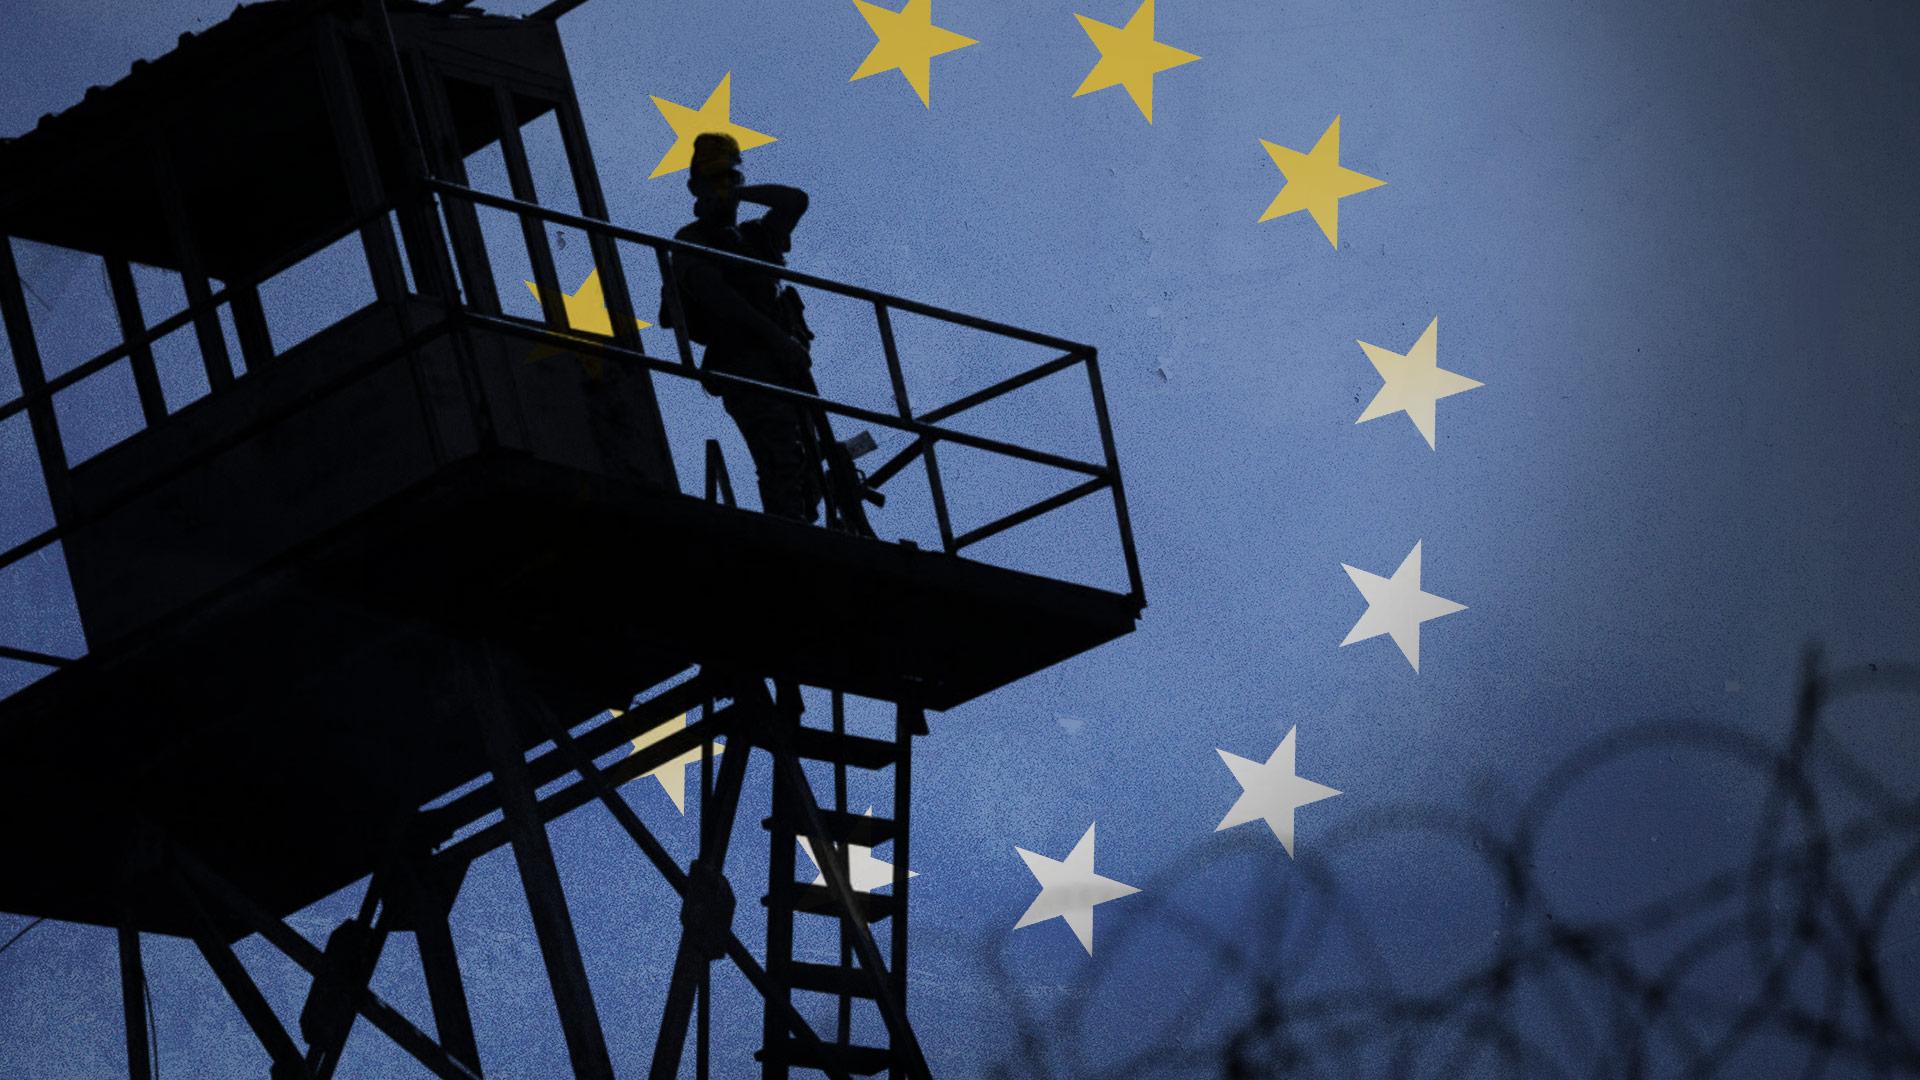 La Ue non vuole finanziare i muri anti migranti ma in Europa ci sono già 2 mila km di barriere: la mappa